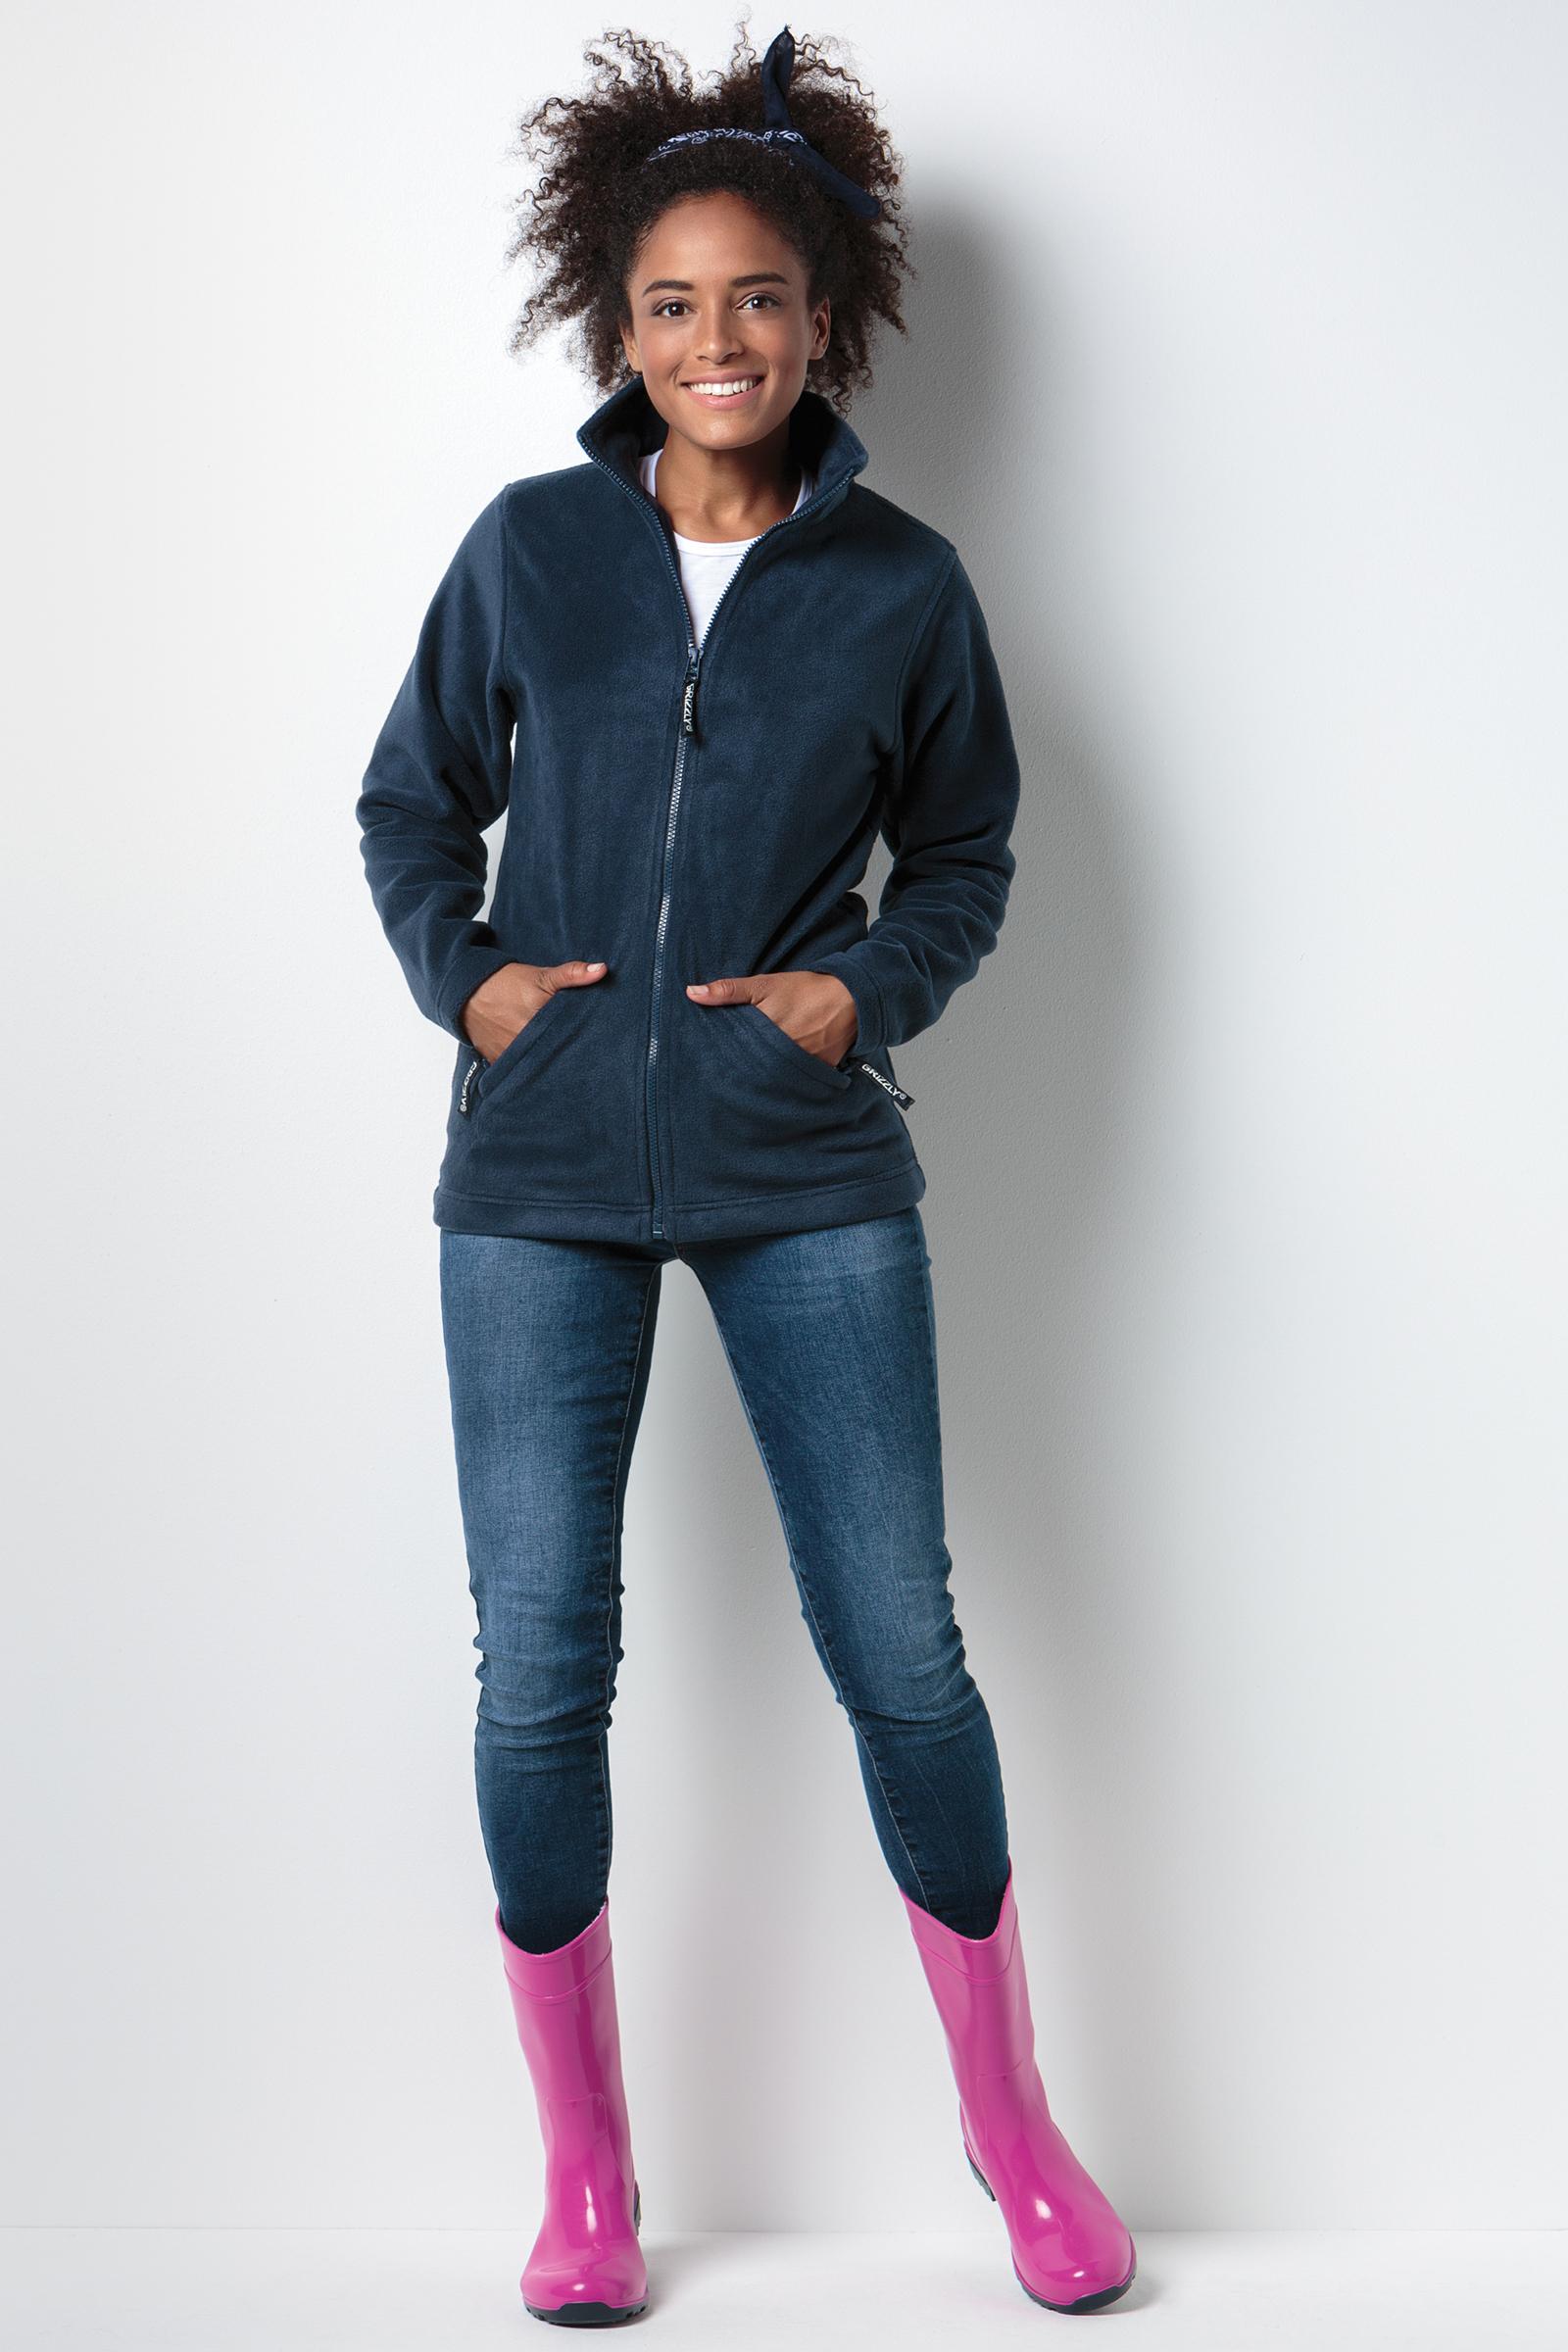 KK904 Women's Full Zip Active Fleece